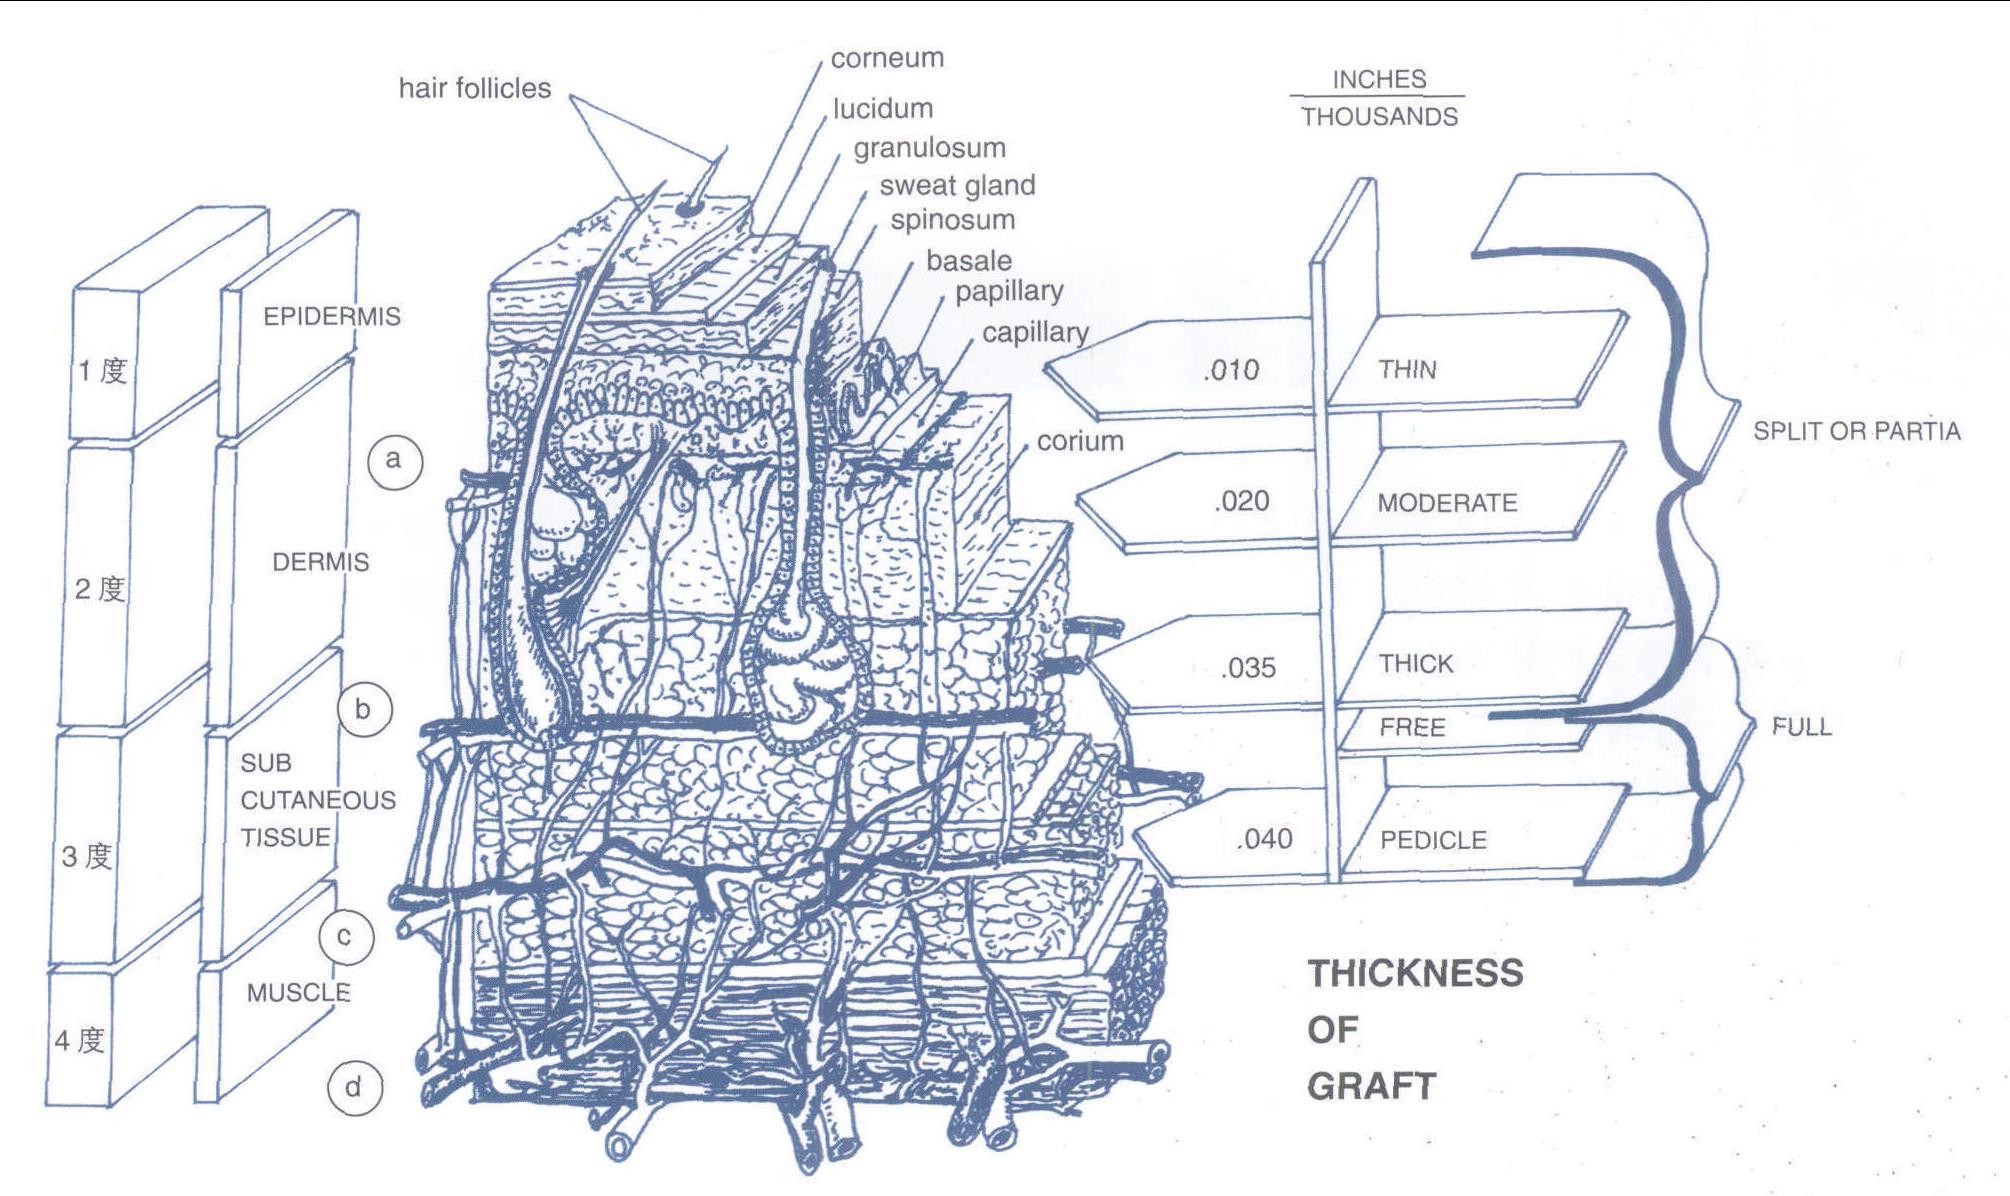 (图) 皮肤结构, 烧伤分度, 皮片厚度-深度创面修复